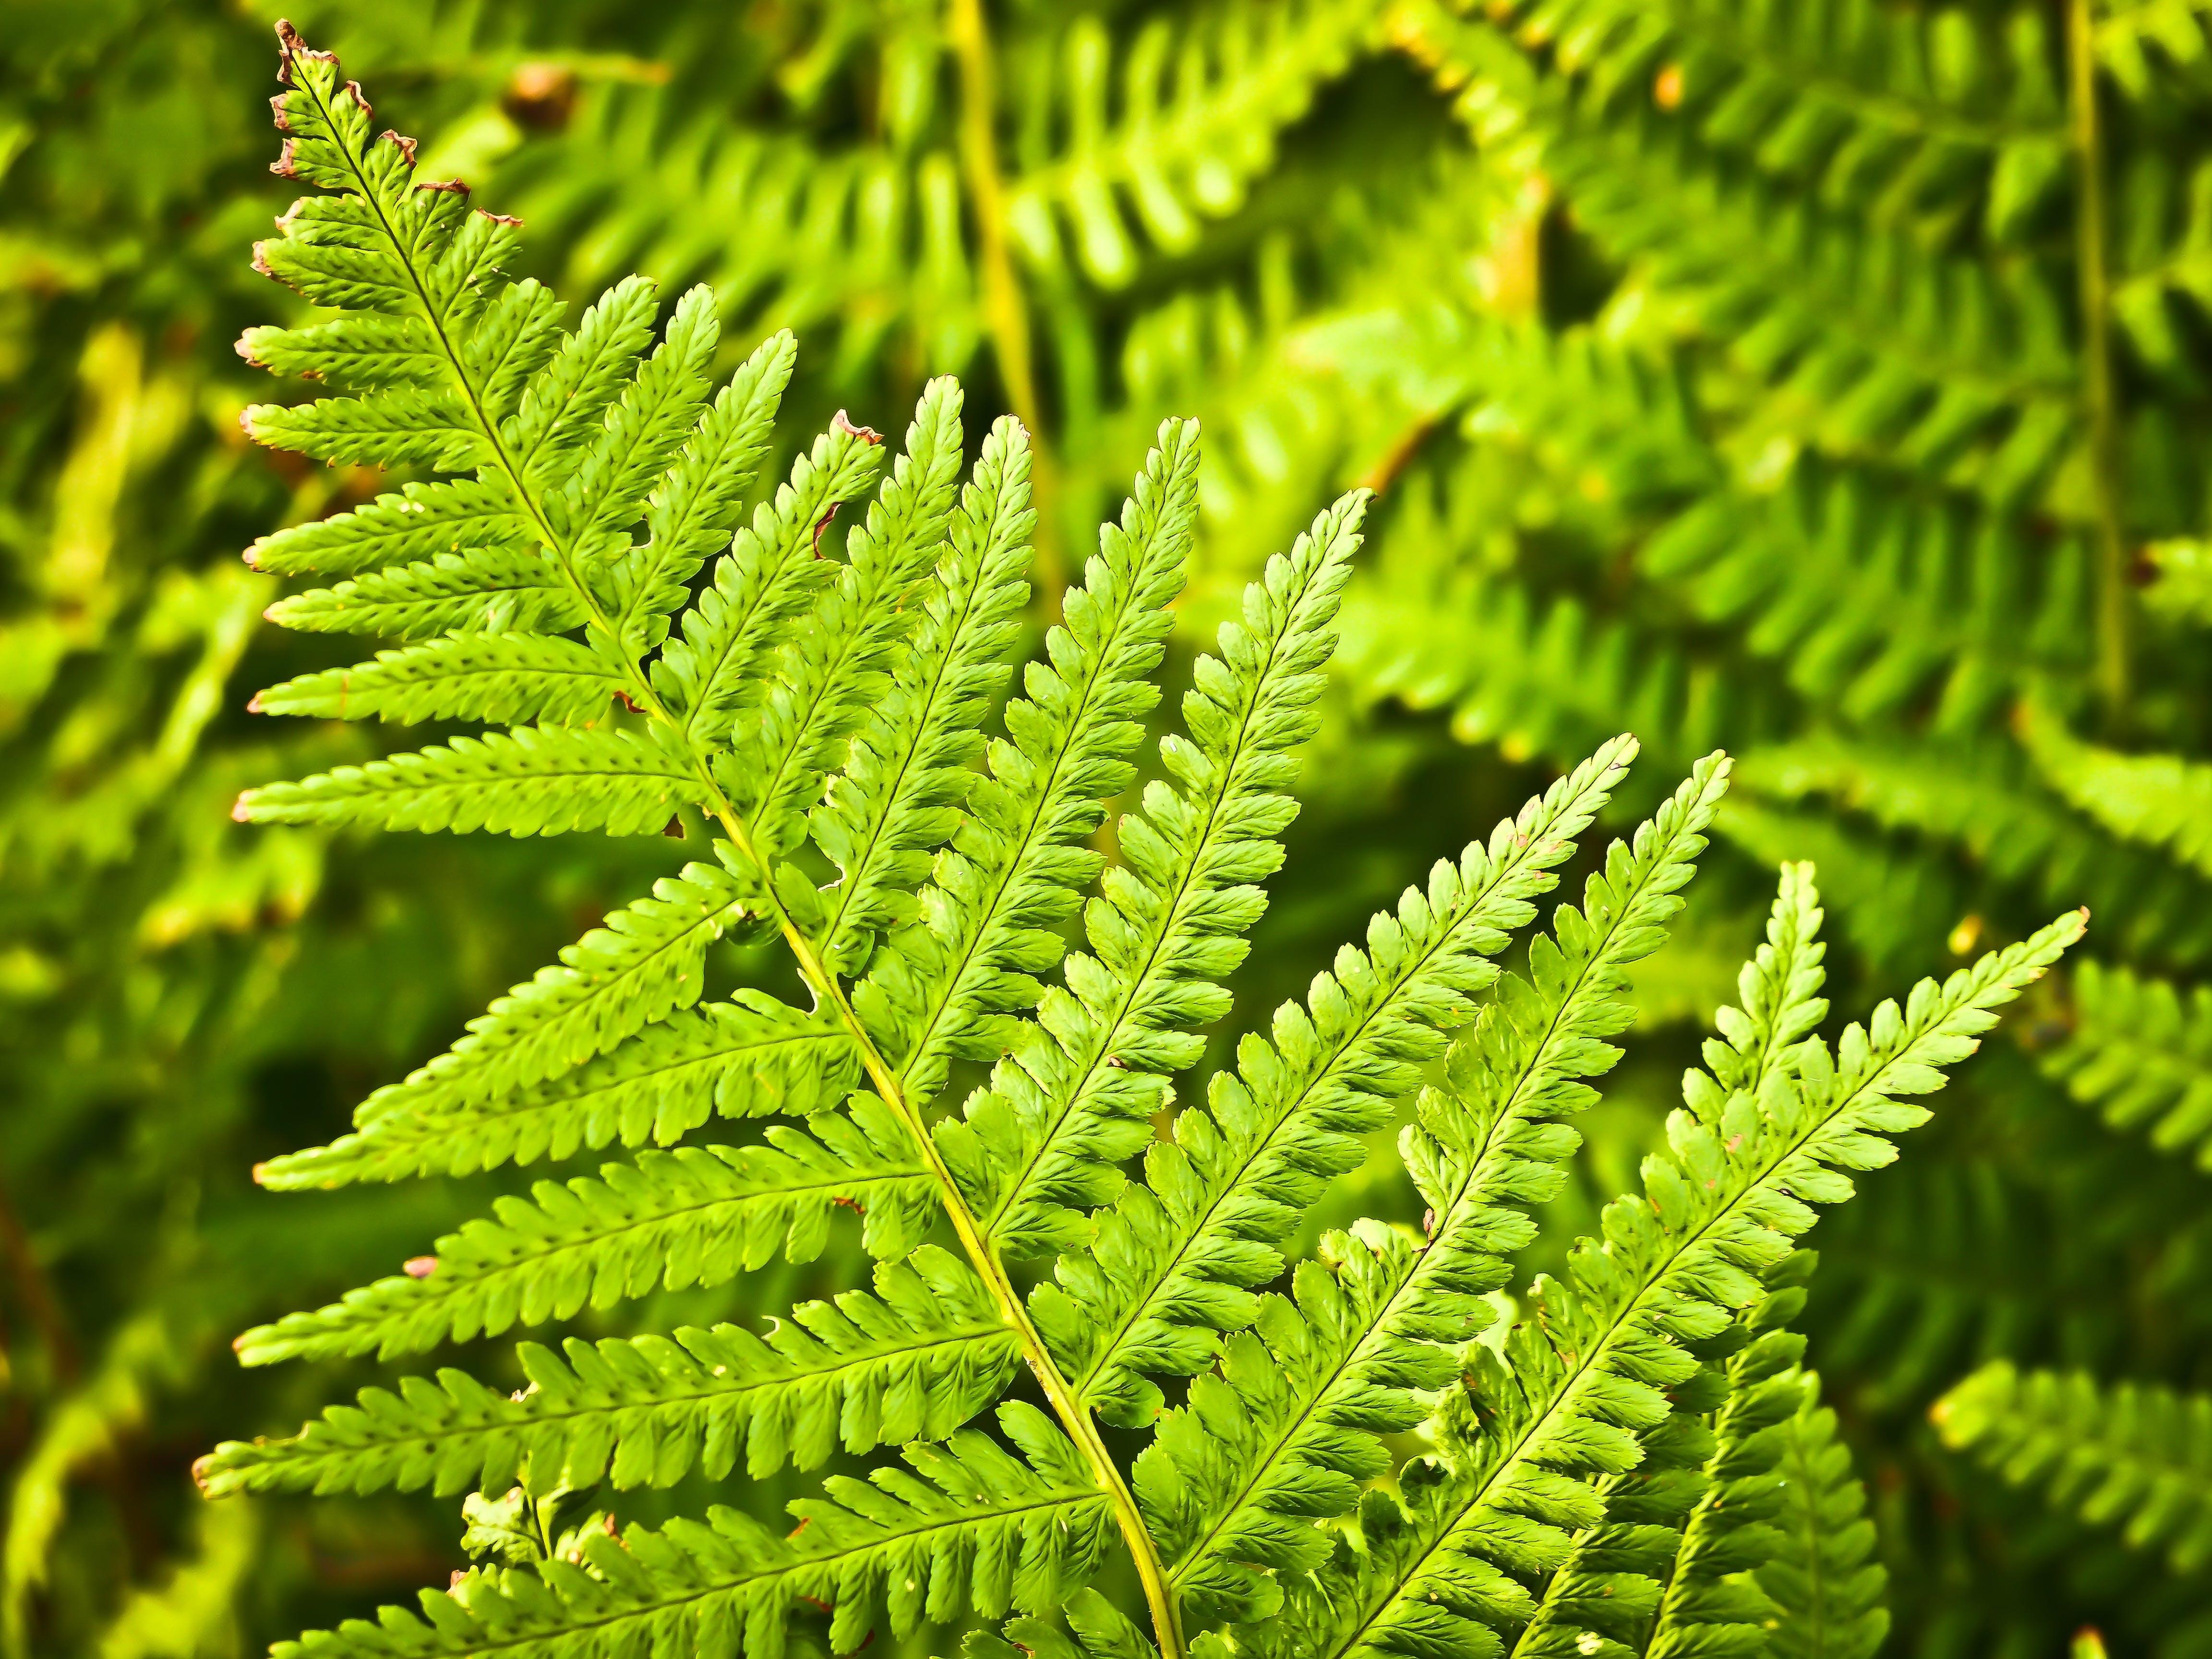 công viên quốc gia kahurangi, hệ sinh thái, hệ thực vật